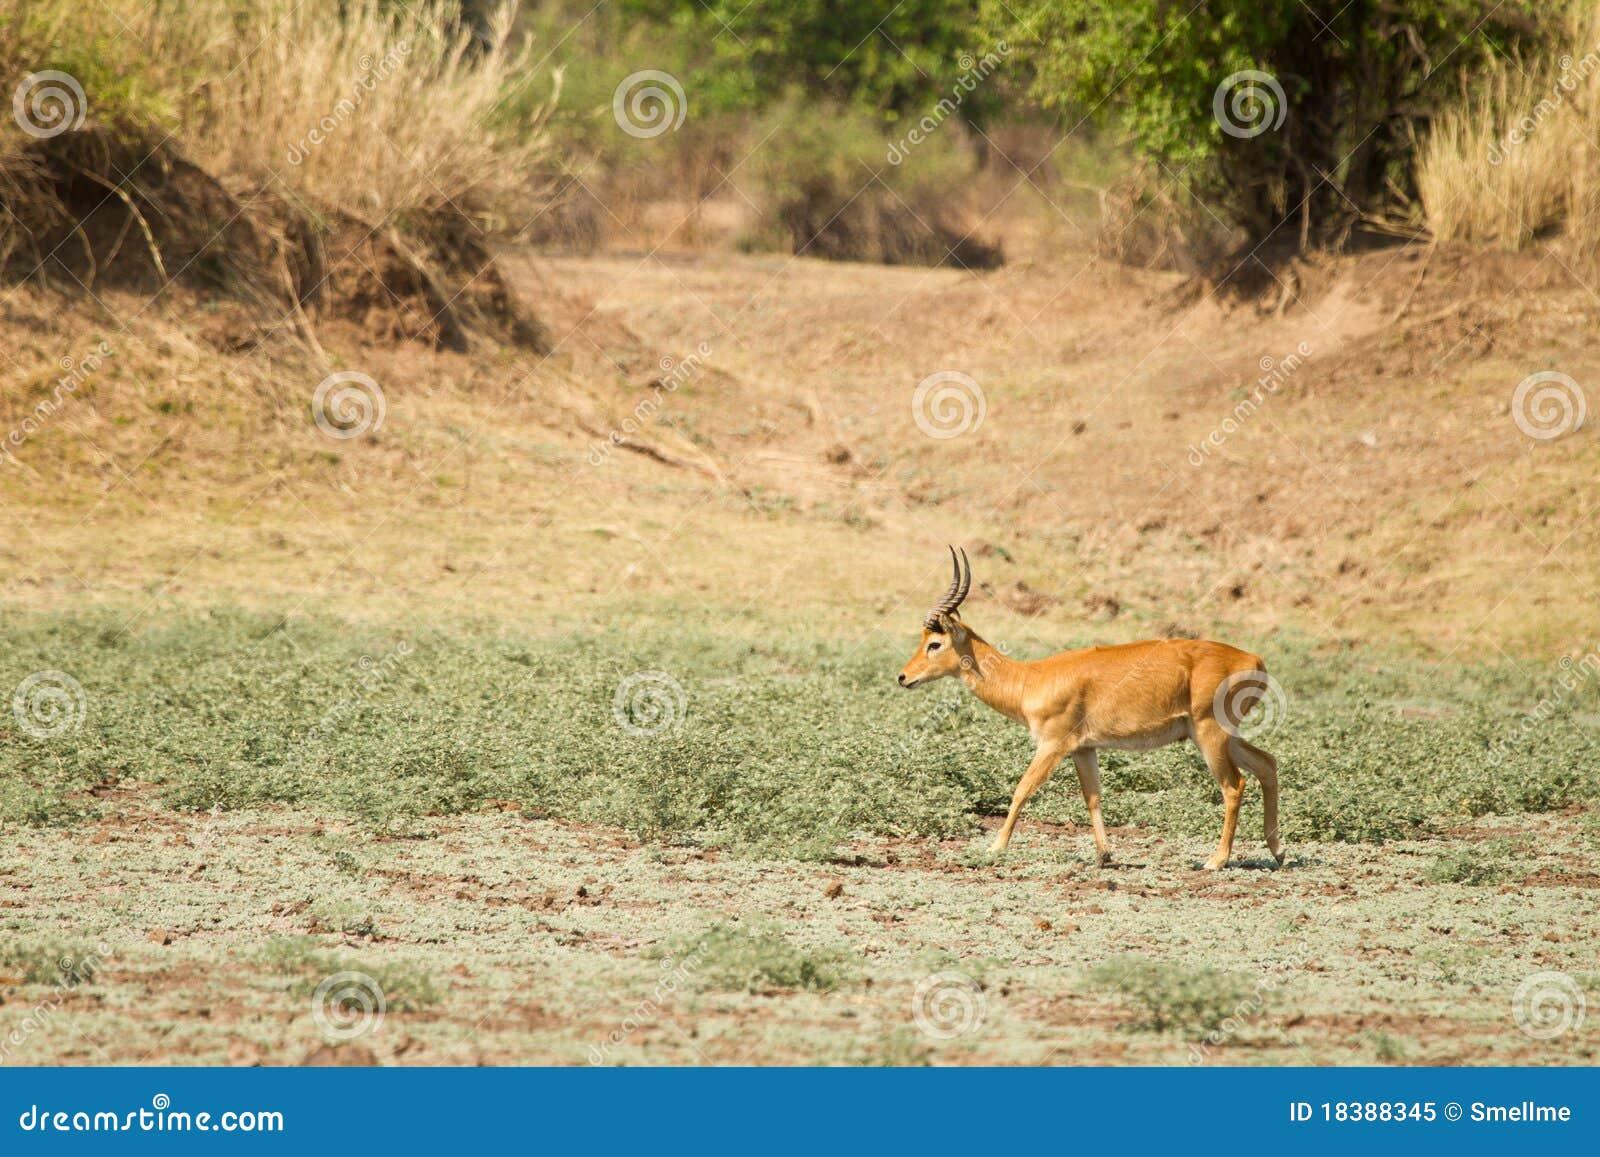 Puku gazelle